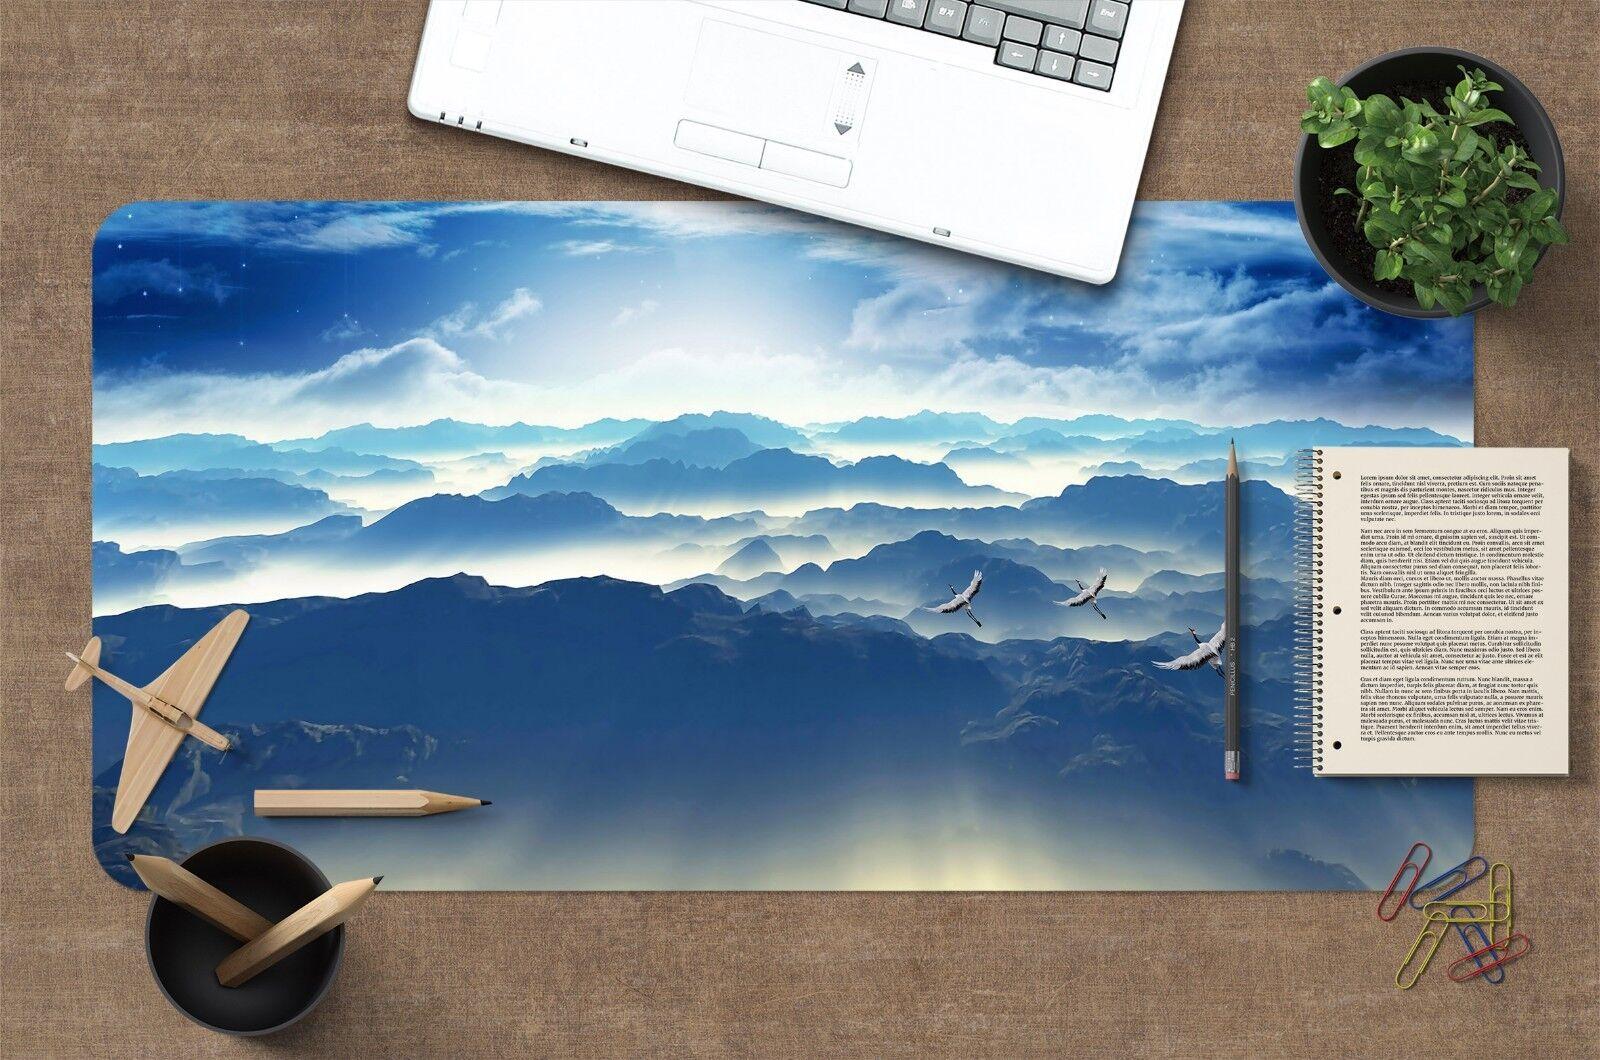 game computer - 3D Fog Mountain Range Flying Egret 88  Non-slip Office Desk Mouse Mat Game